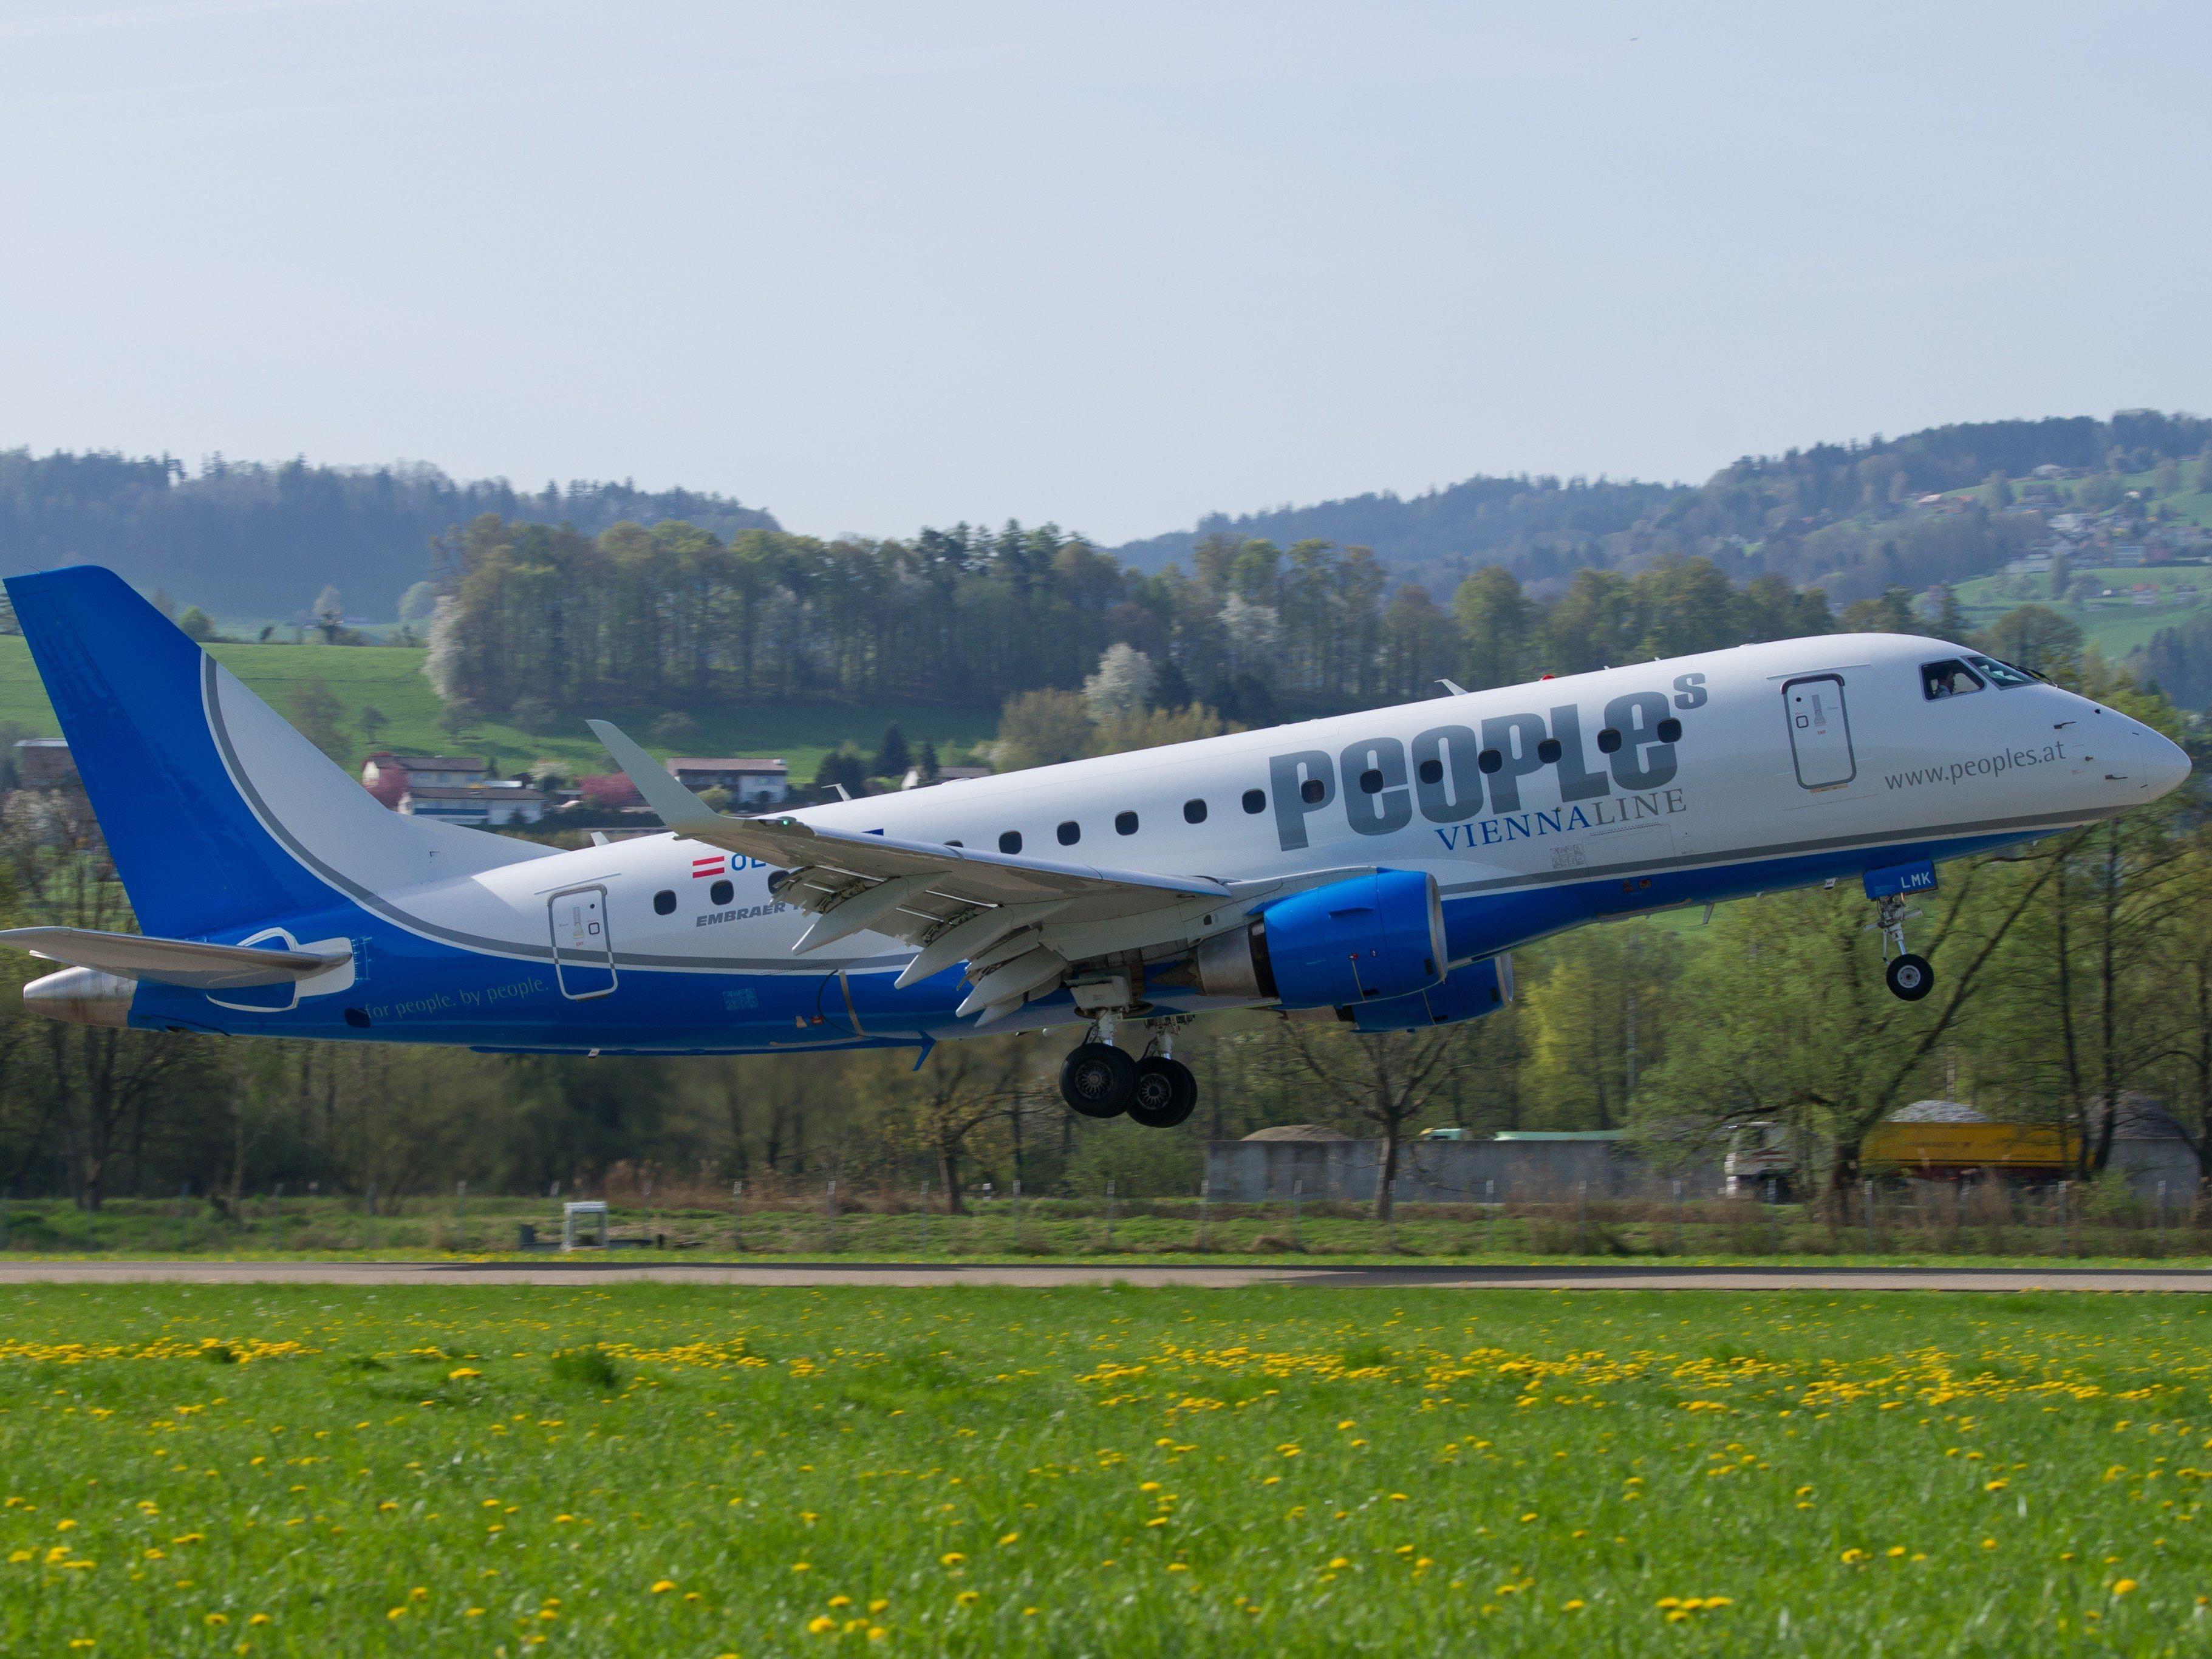 Die Fluglinie People's will von Altenrhein aus bald mehr Destinationen anfliegen als nur Wien.